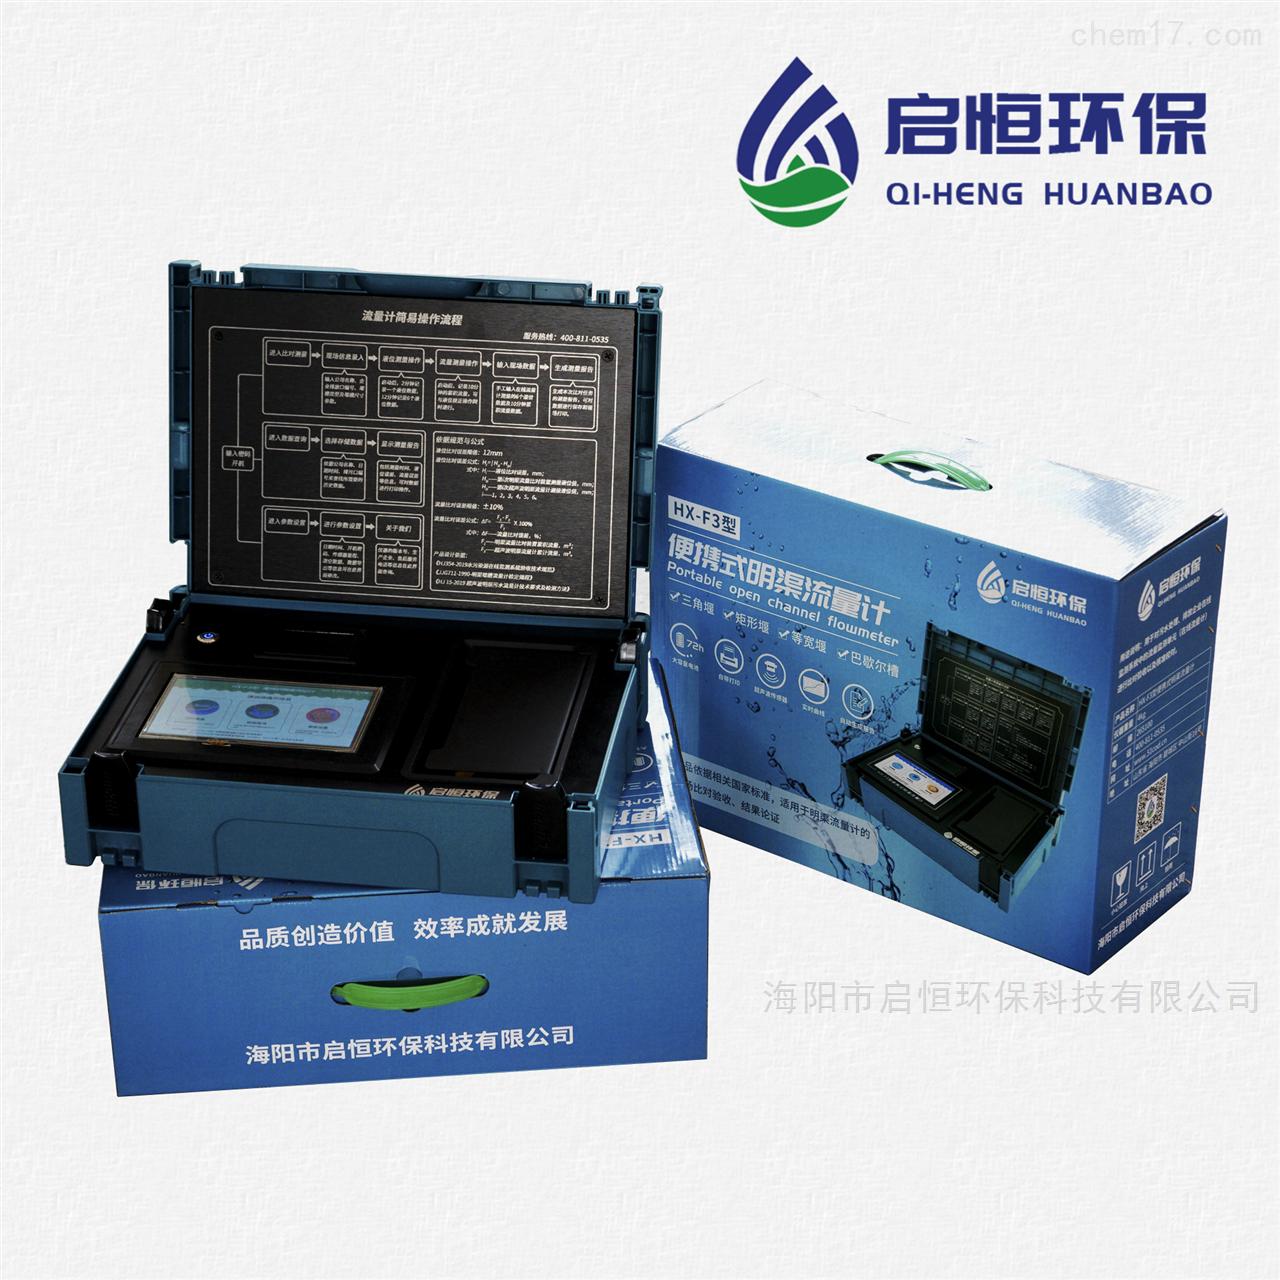 便携式超声波明渠流量计参照HJ354/355